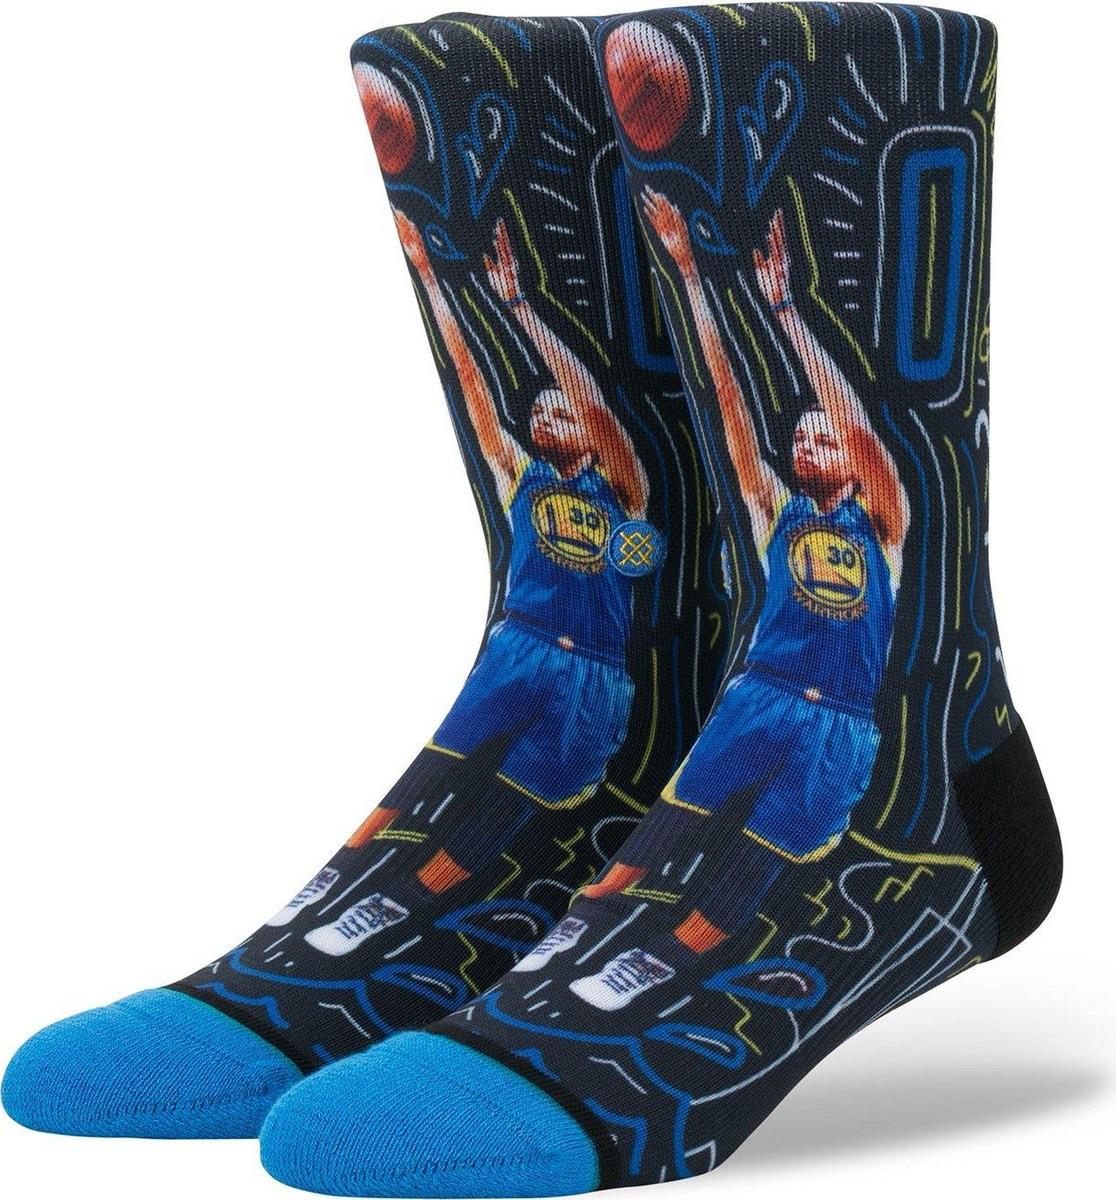 kaltses nba - Ανδρικές Κάλτσες (Σελίδα 3)  e90597521a3